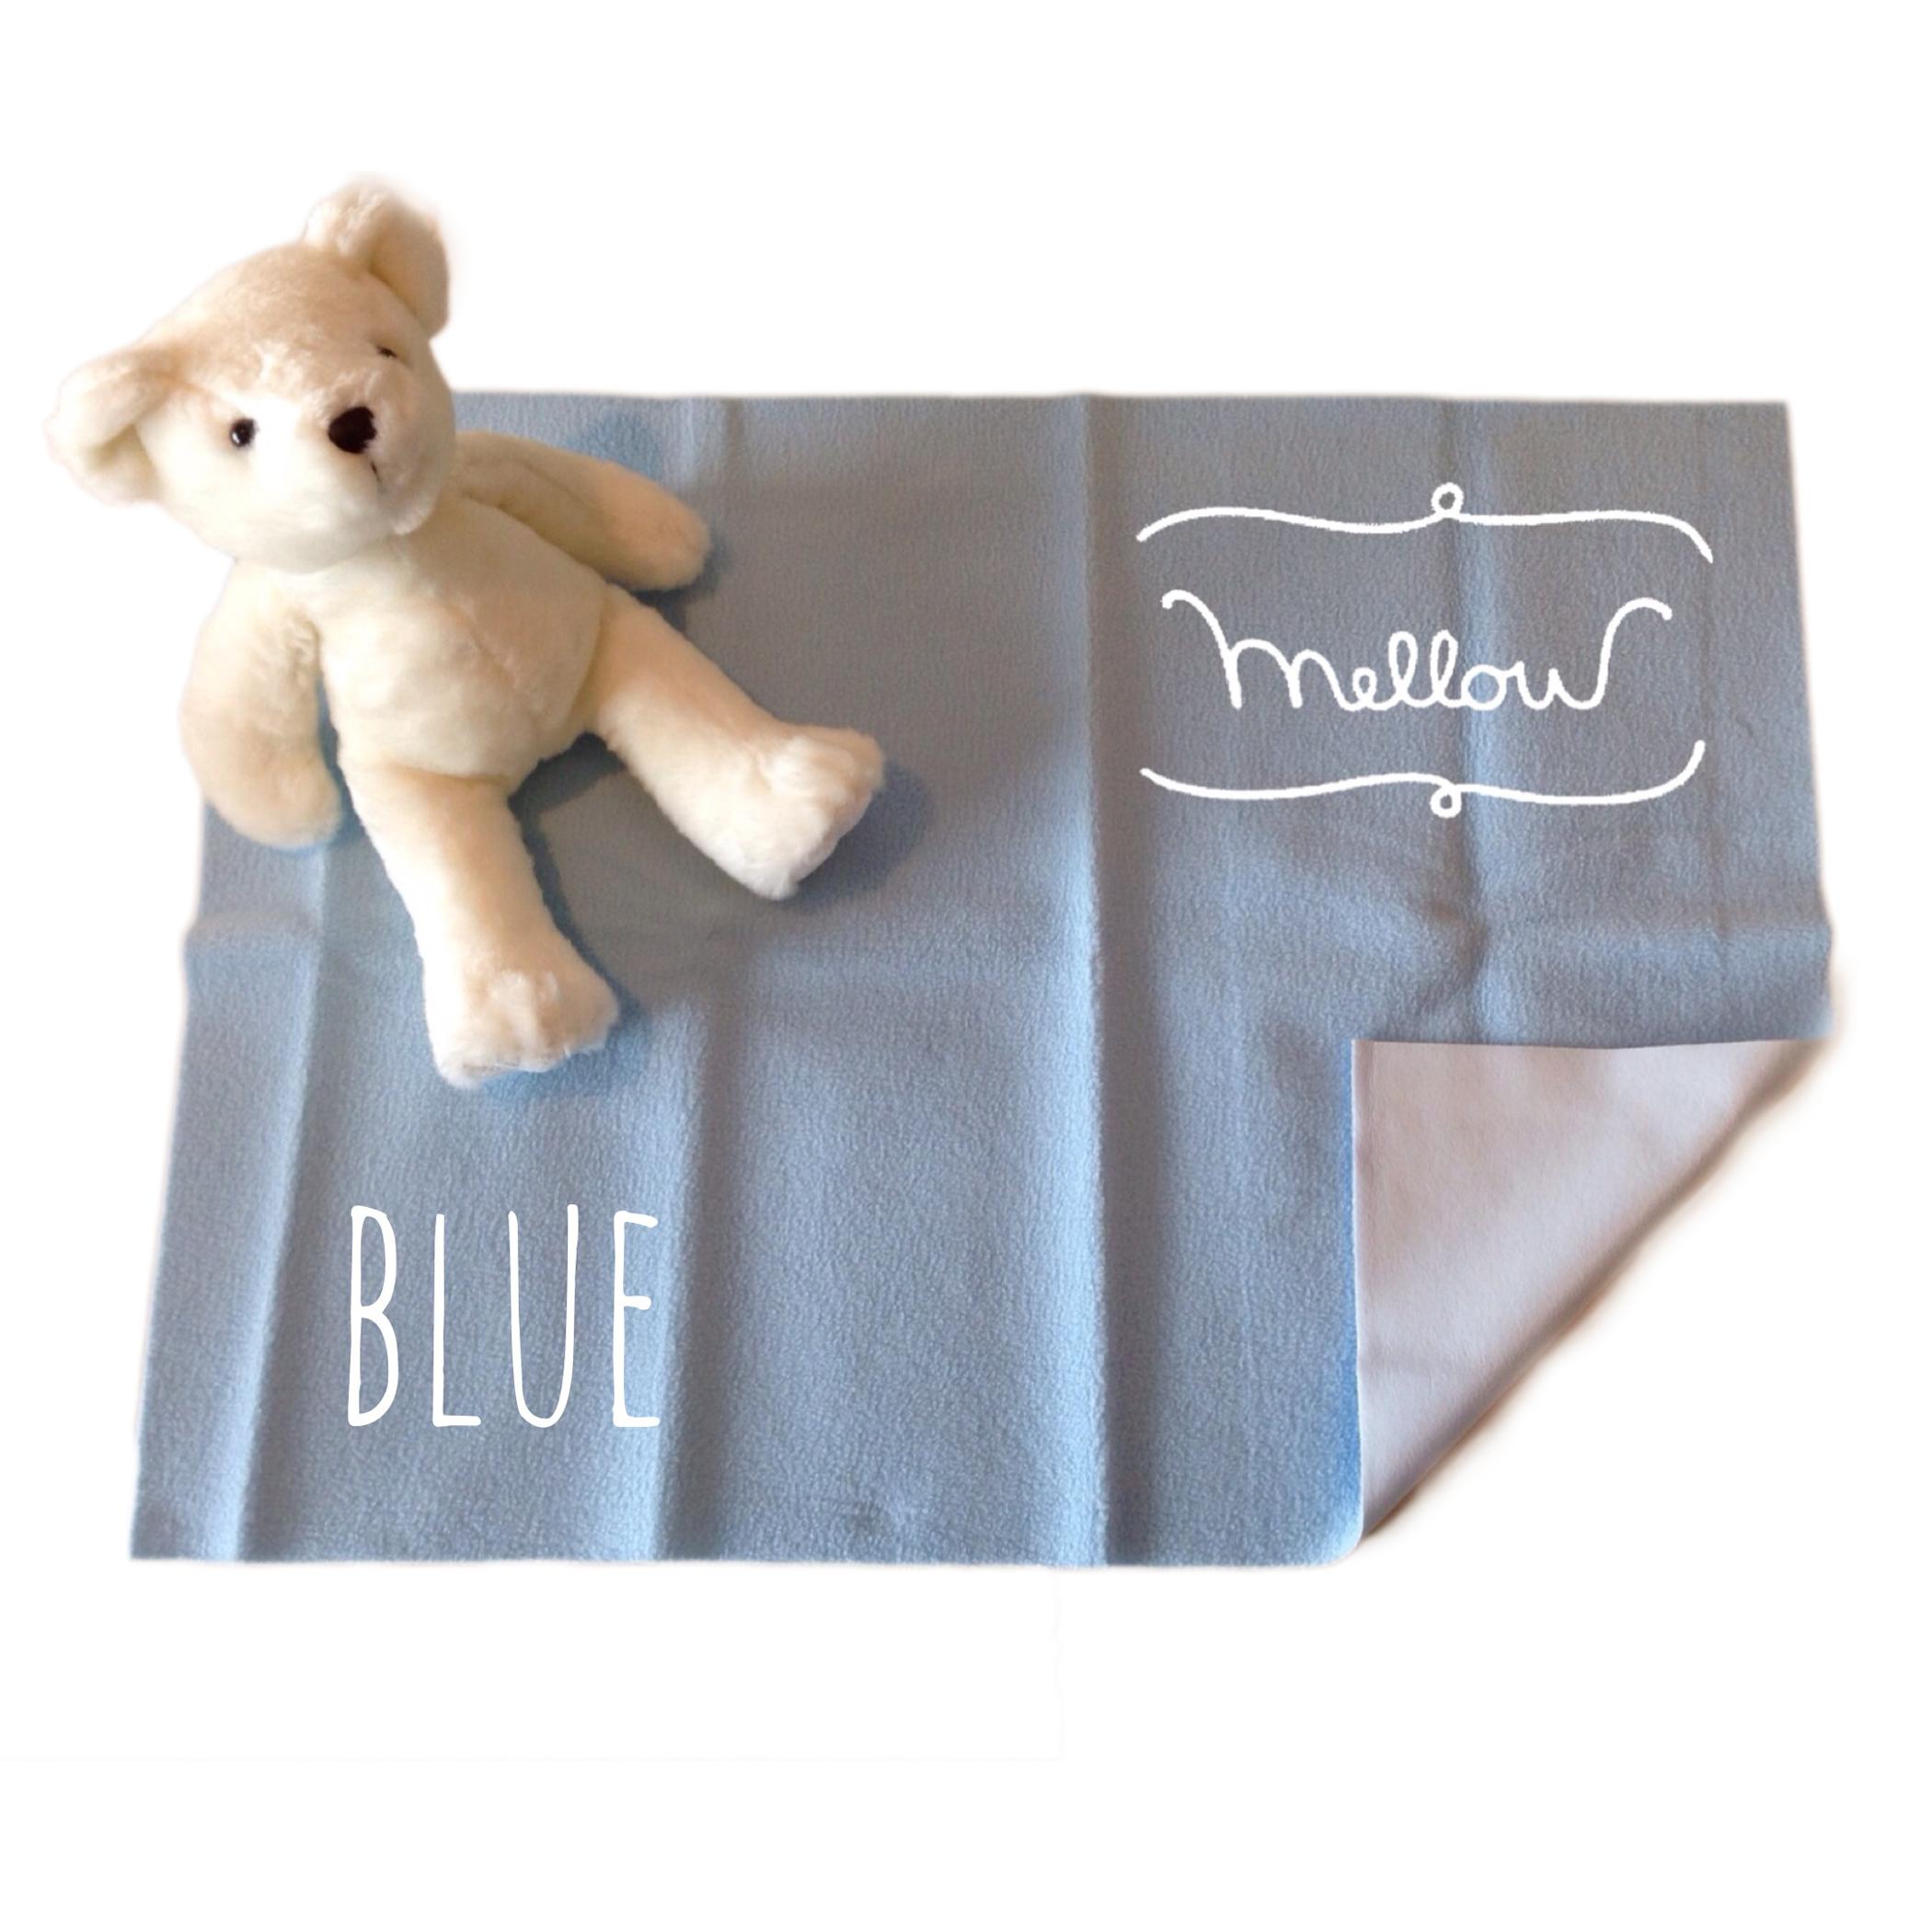 ผ้ารองกันฉี่ Mellow Quick dry SIZE S Blue